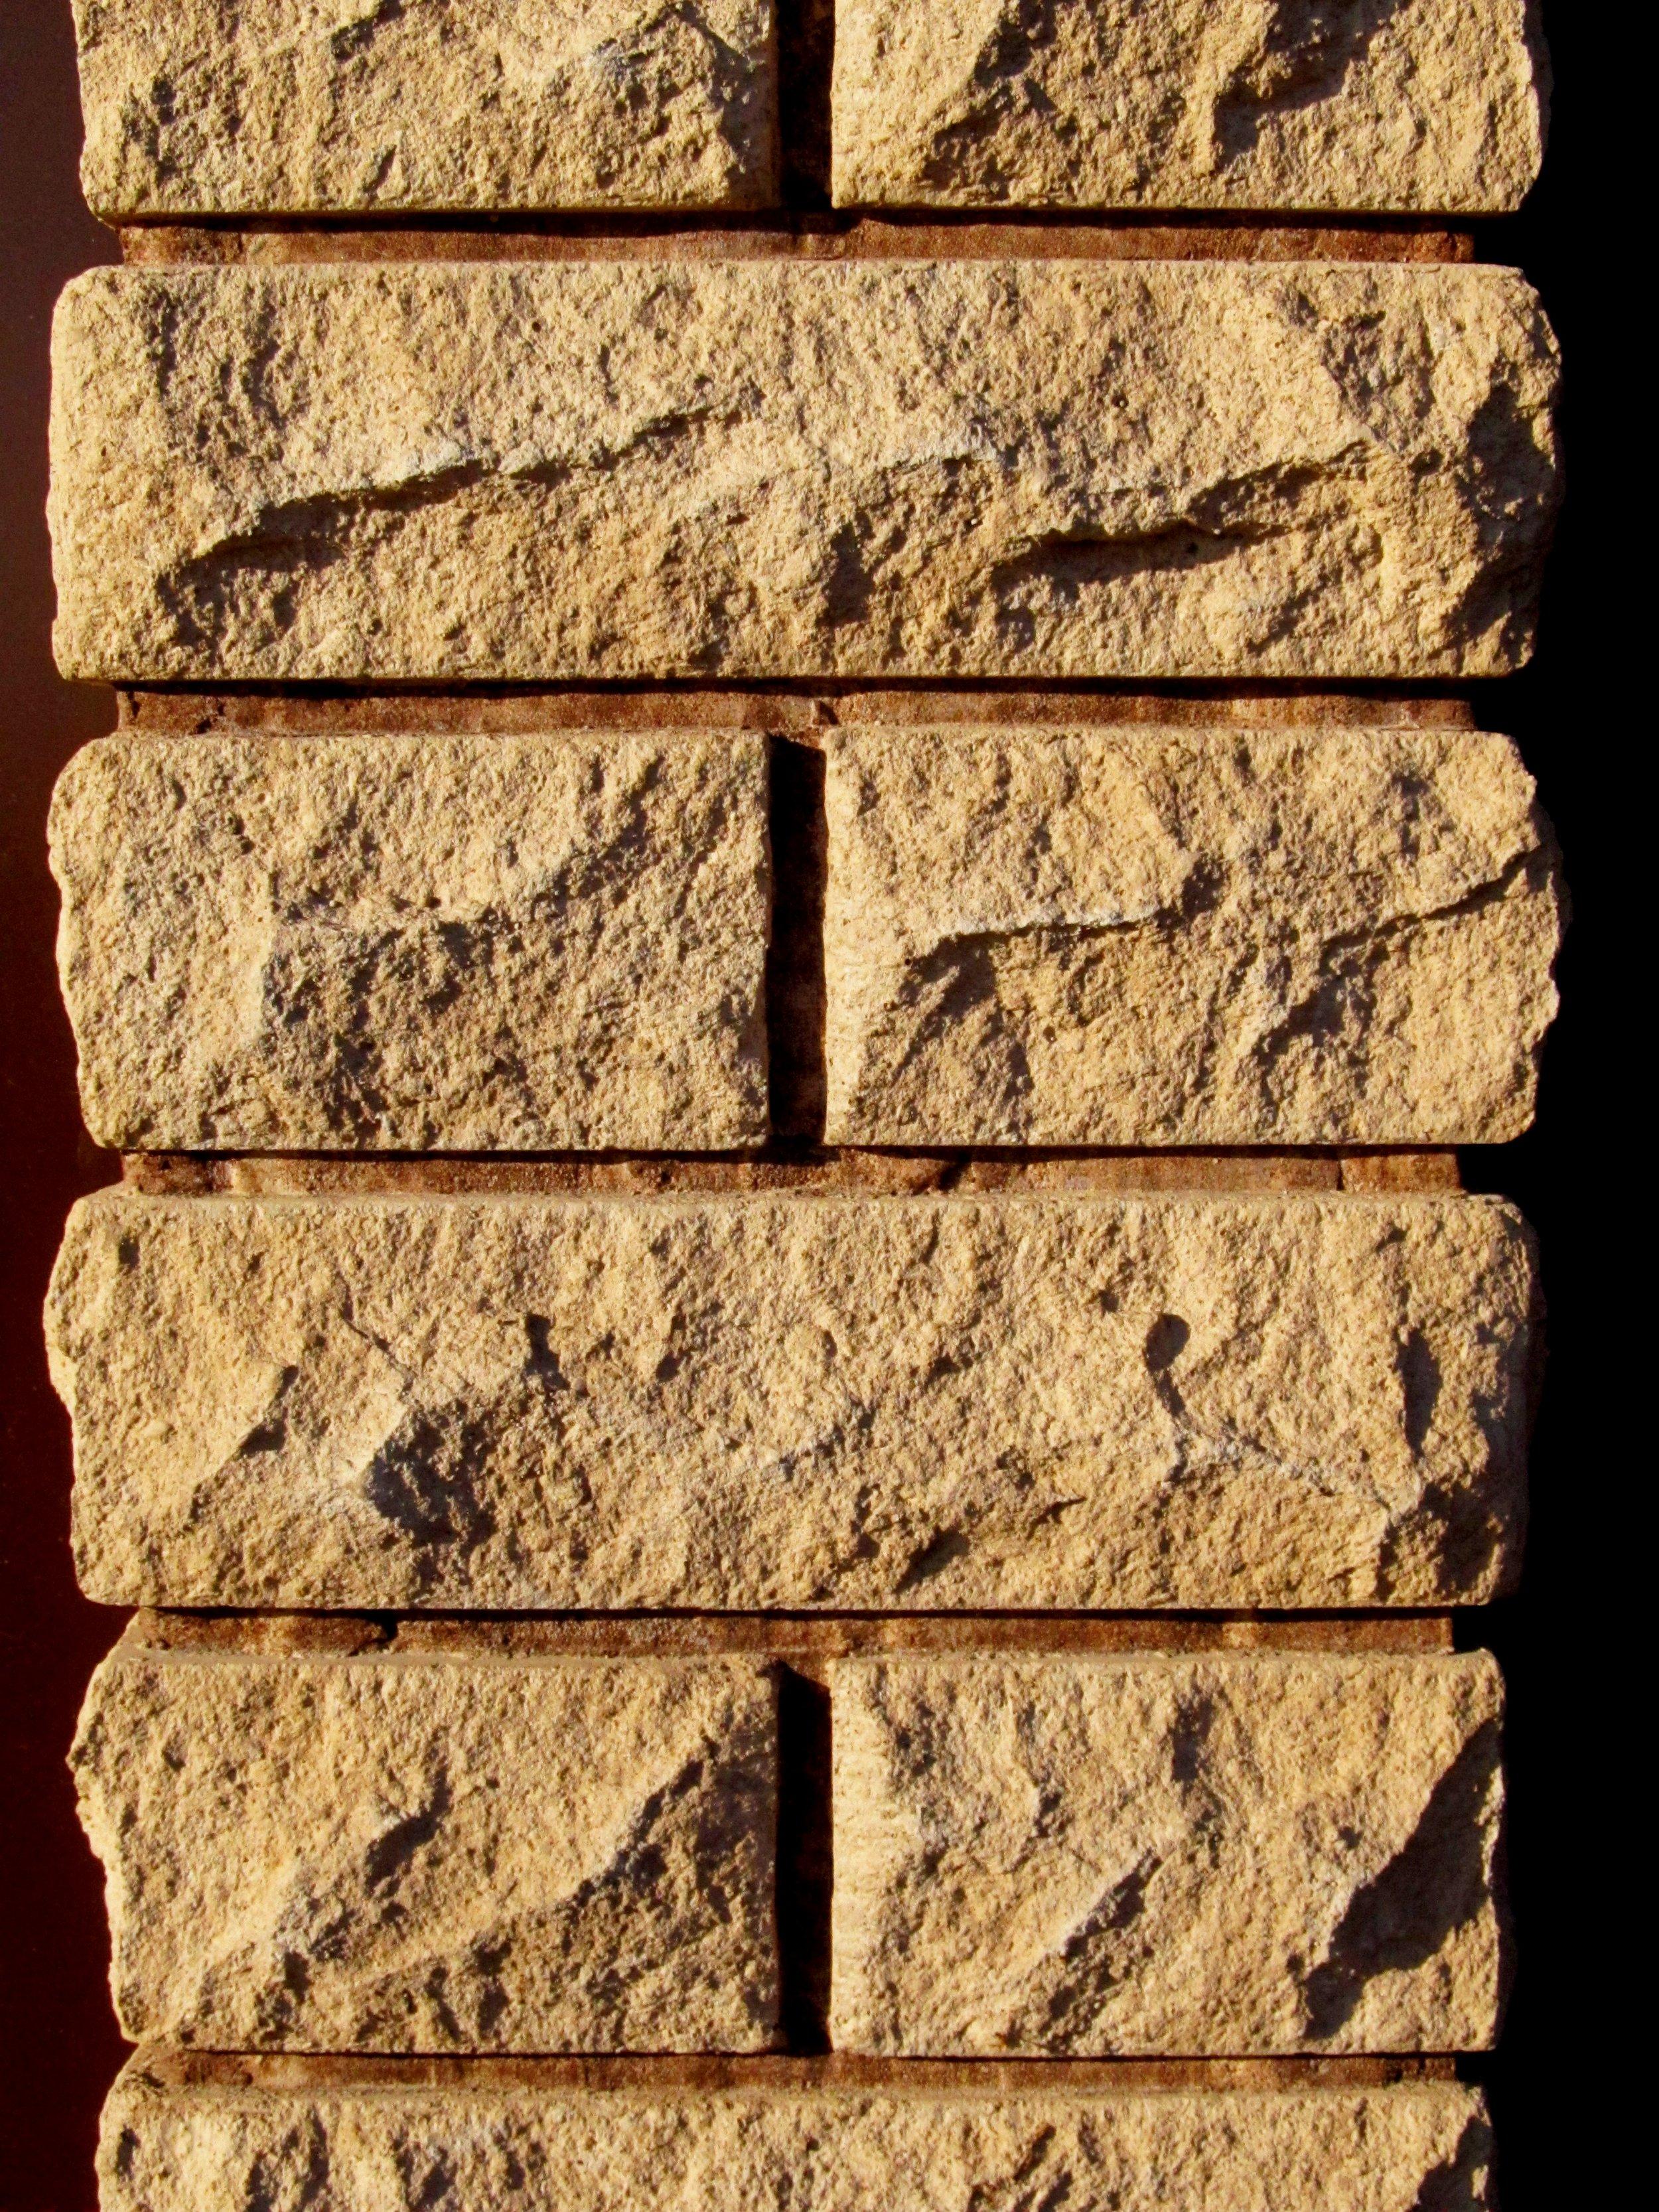 Нажмите на изображение для увеличения Название: Фото столба бетонного забора рваный кирпич 1.jpg Просмотров: 12 Размер:1.98 Мб ID:333691